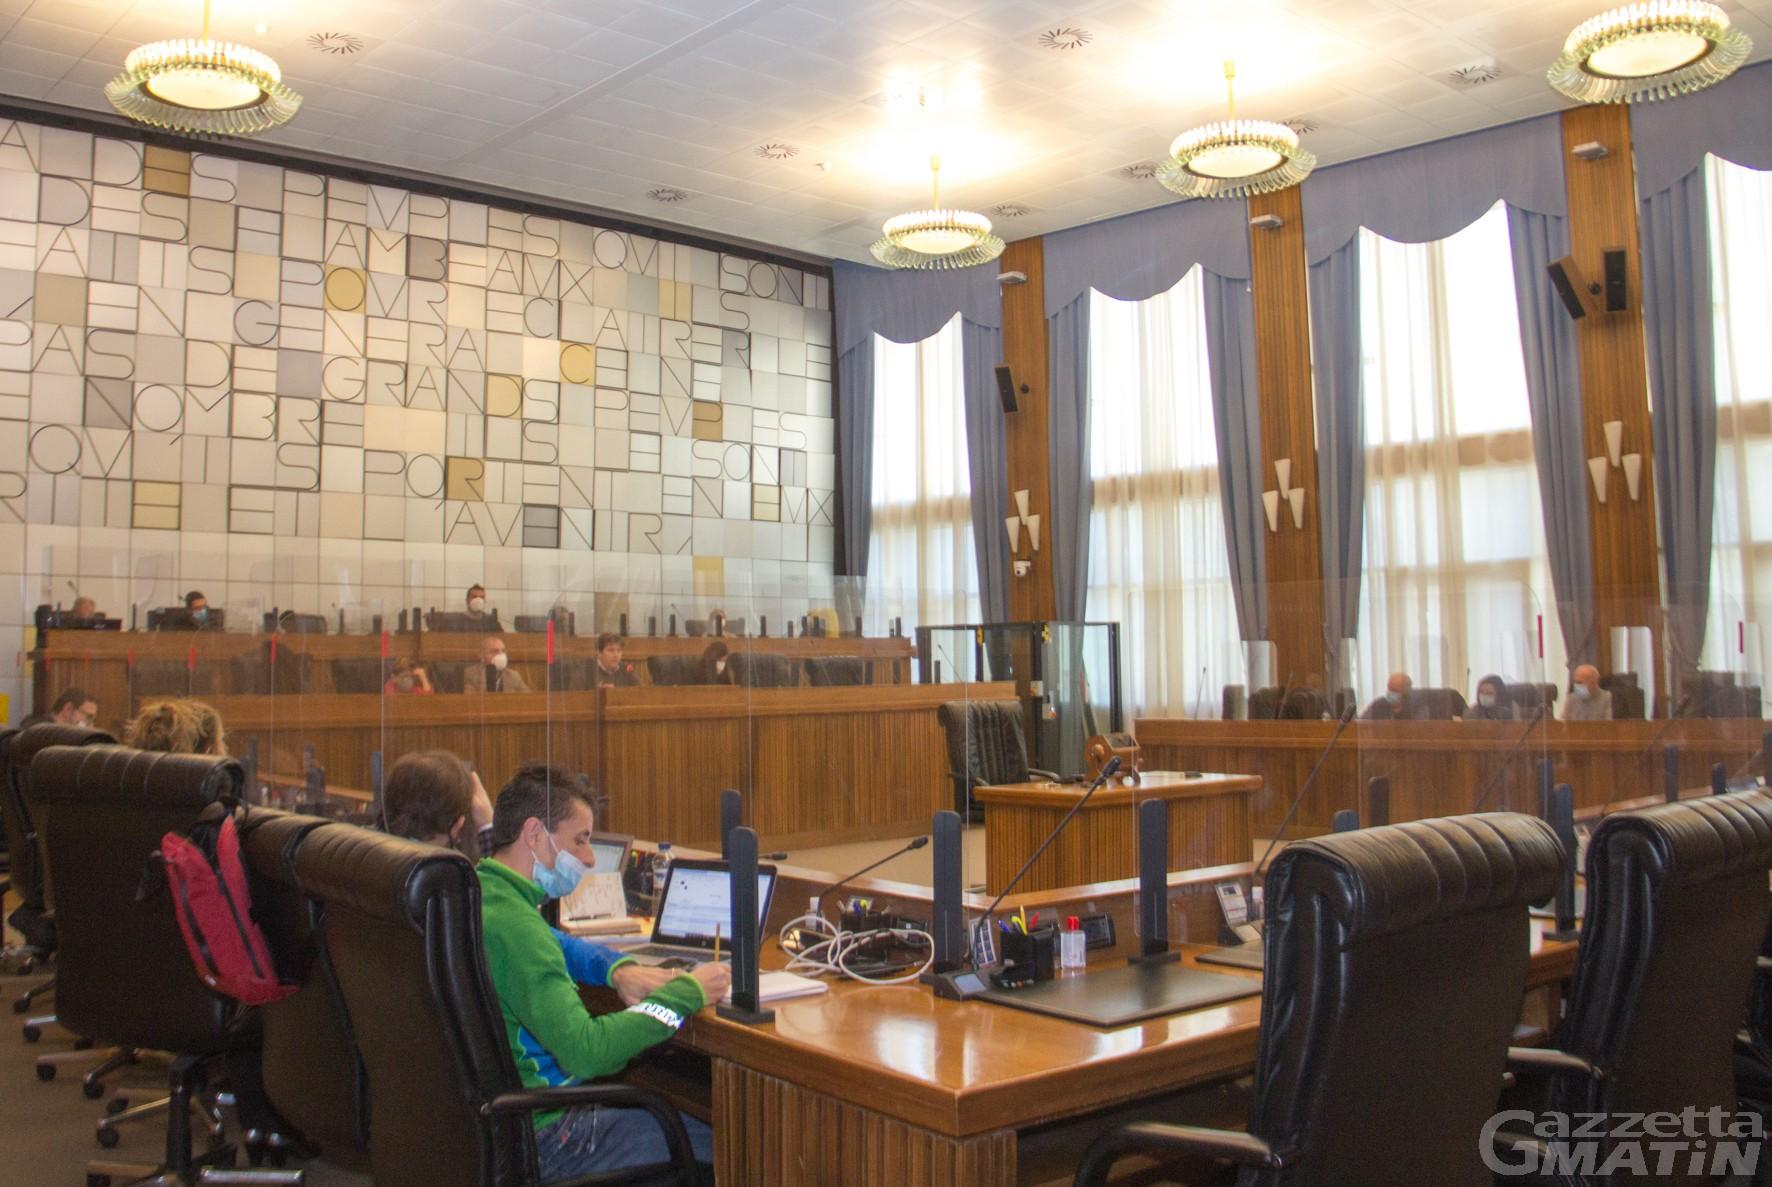 Bilancio regionale in continuità, Malacrinò: esercizio provvisorio scongiurato